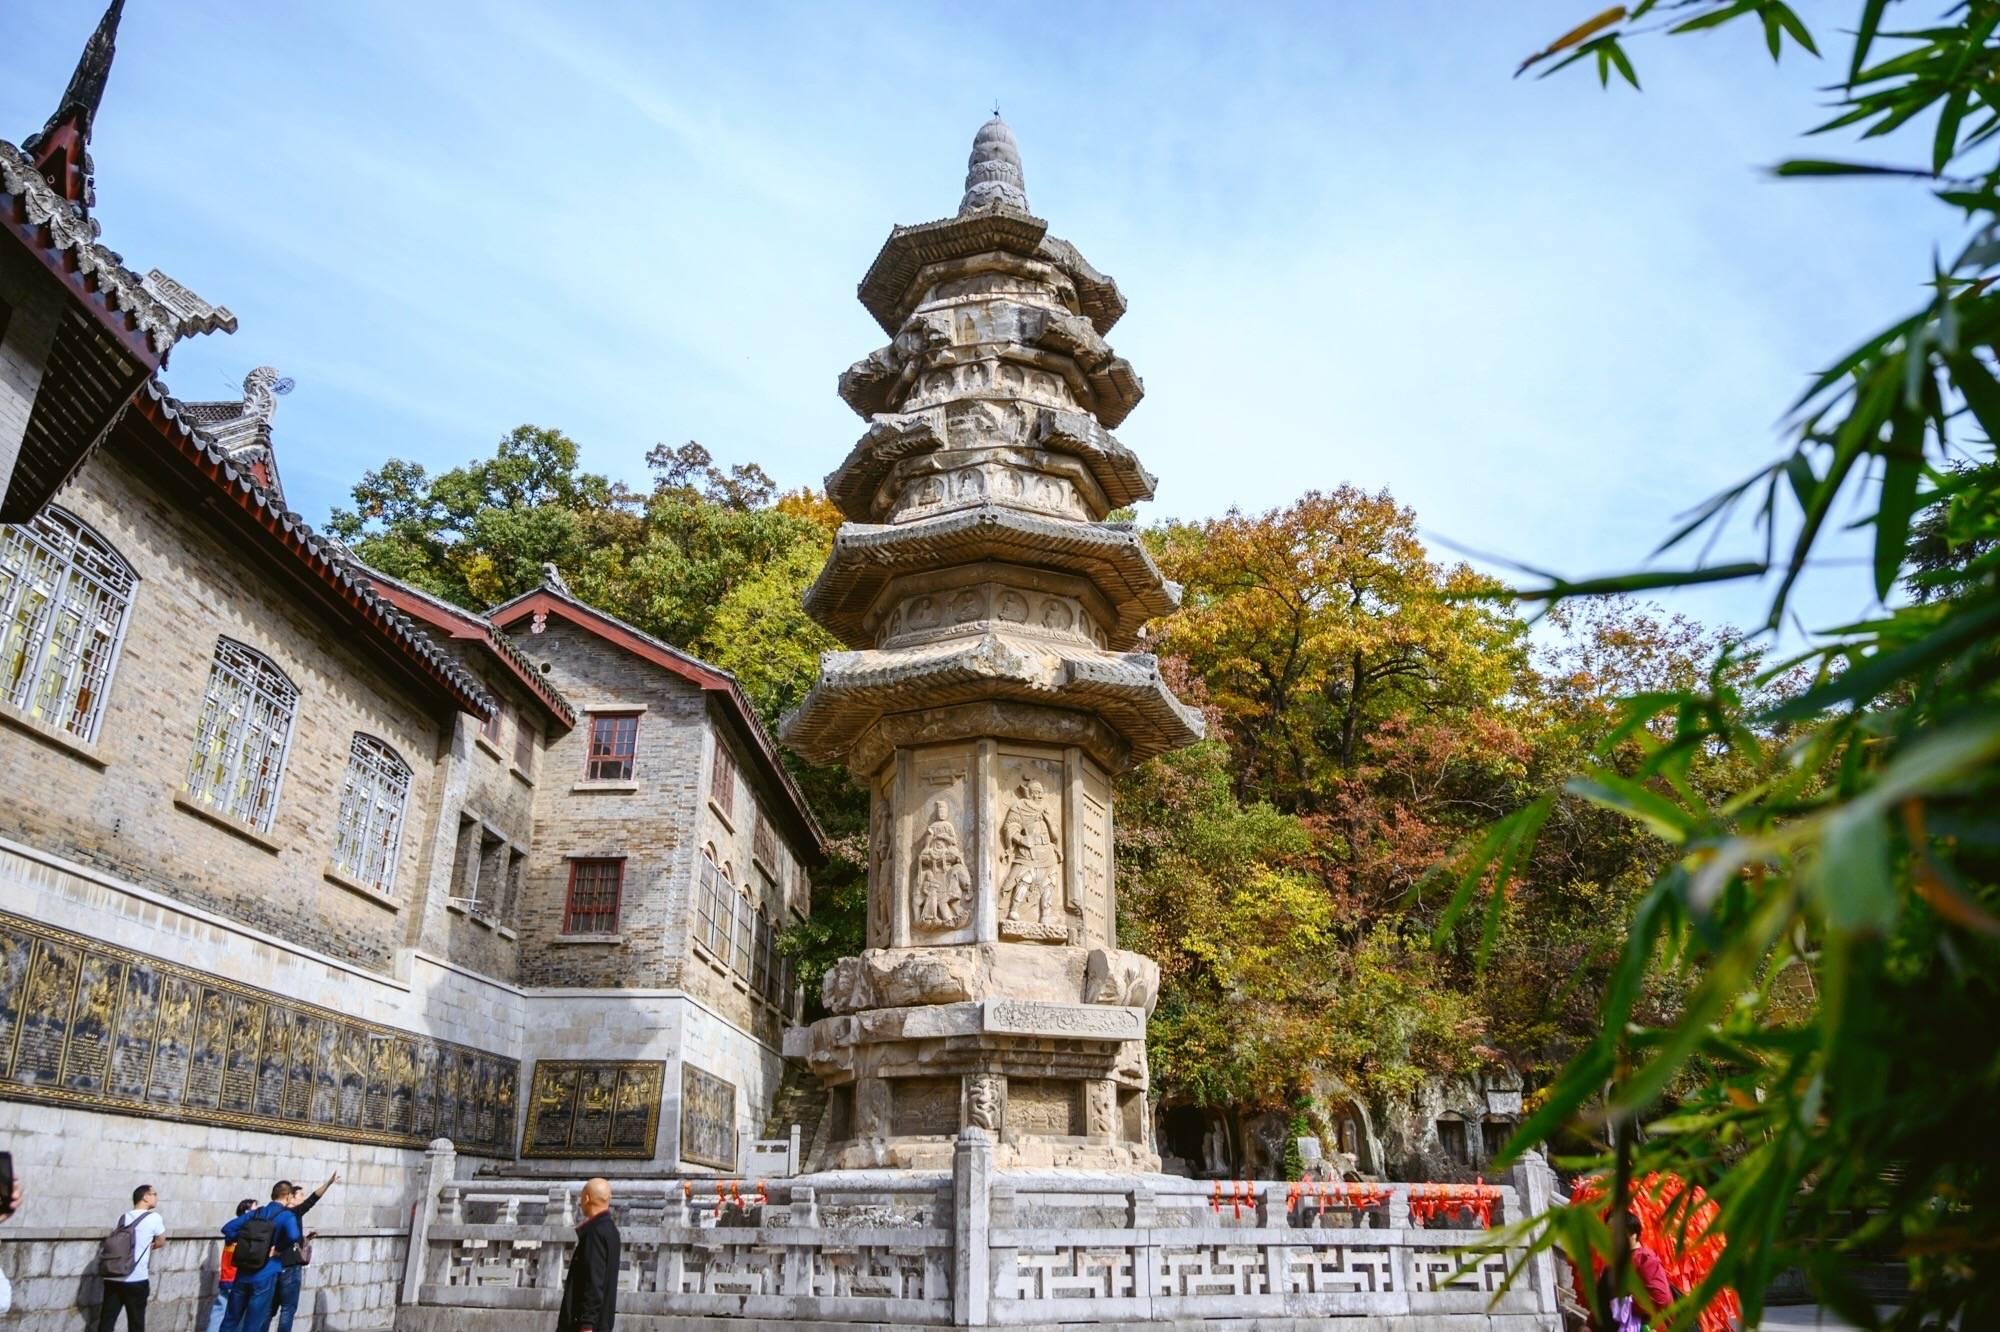 南京栖霞寺,中国四大名刹之一,至今已有1500多年的历史